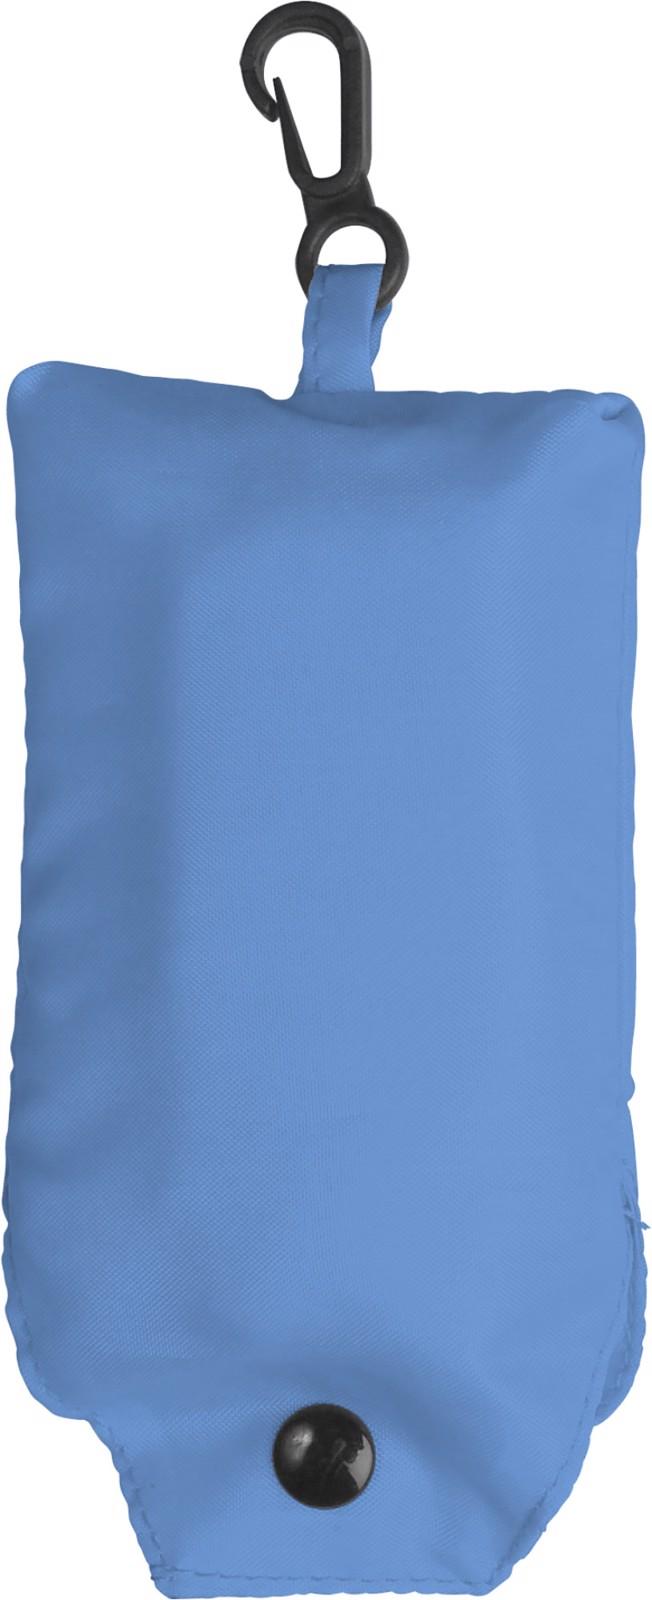 Polyester (190T) shopping bag - Light Blue